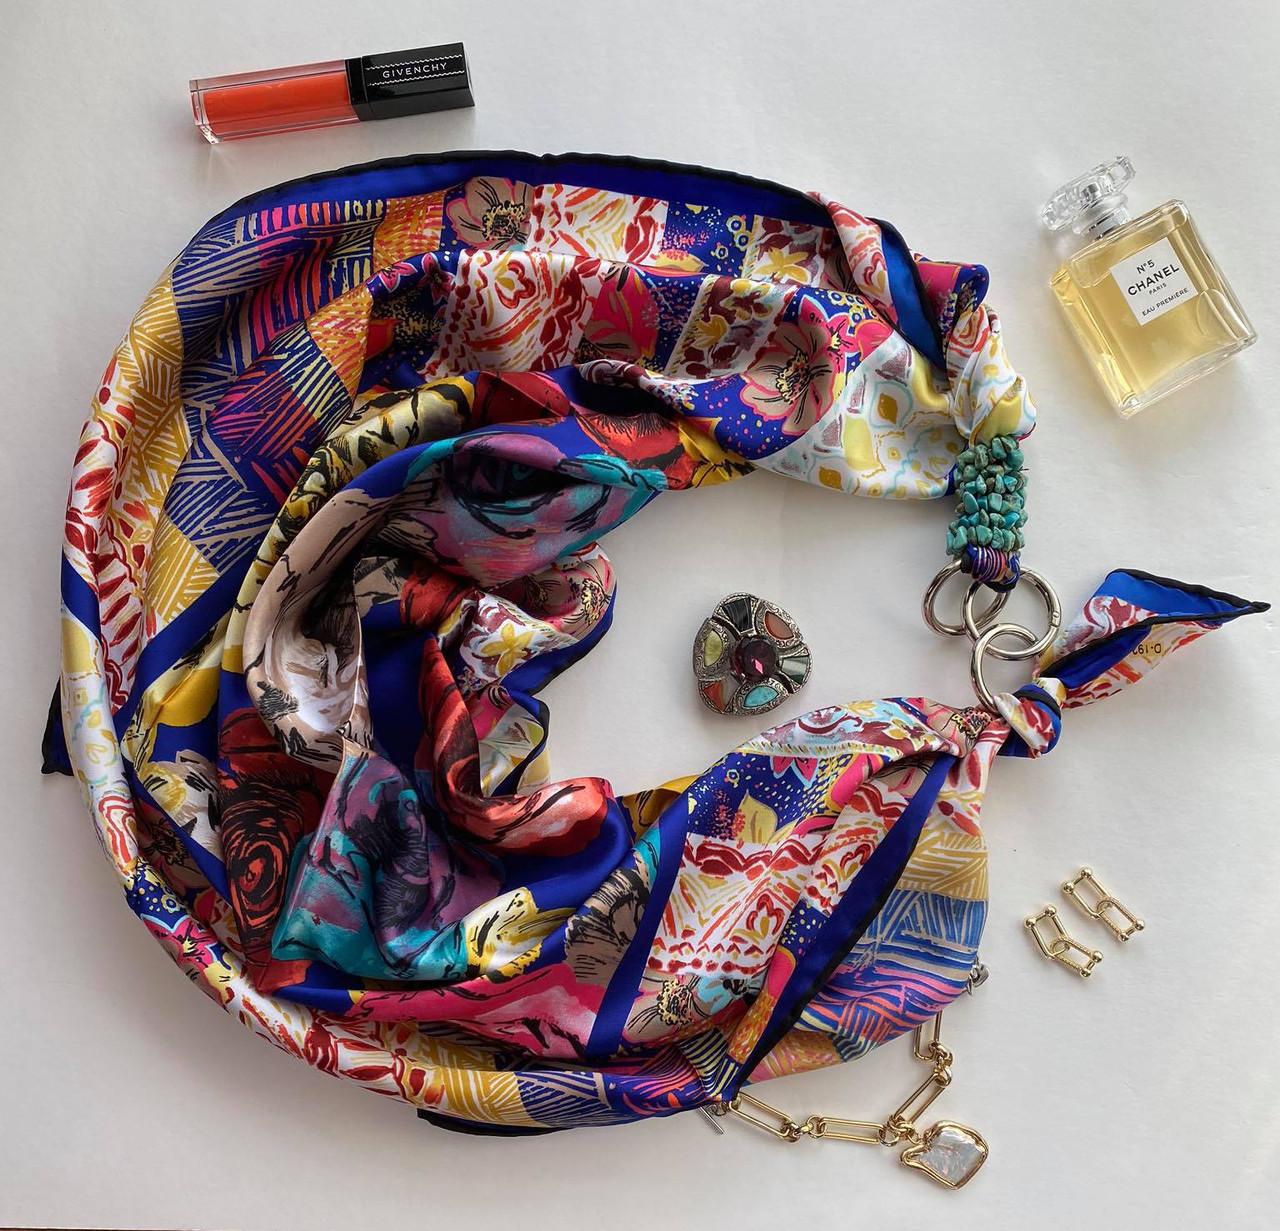 """Шелковый платок """"калейдоскоп цветов"""" от my scarf, подарок женщине. премиум коллекция!"""